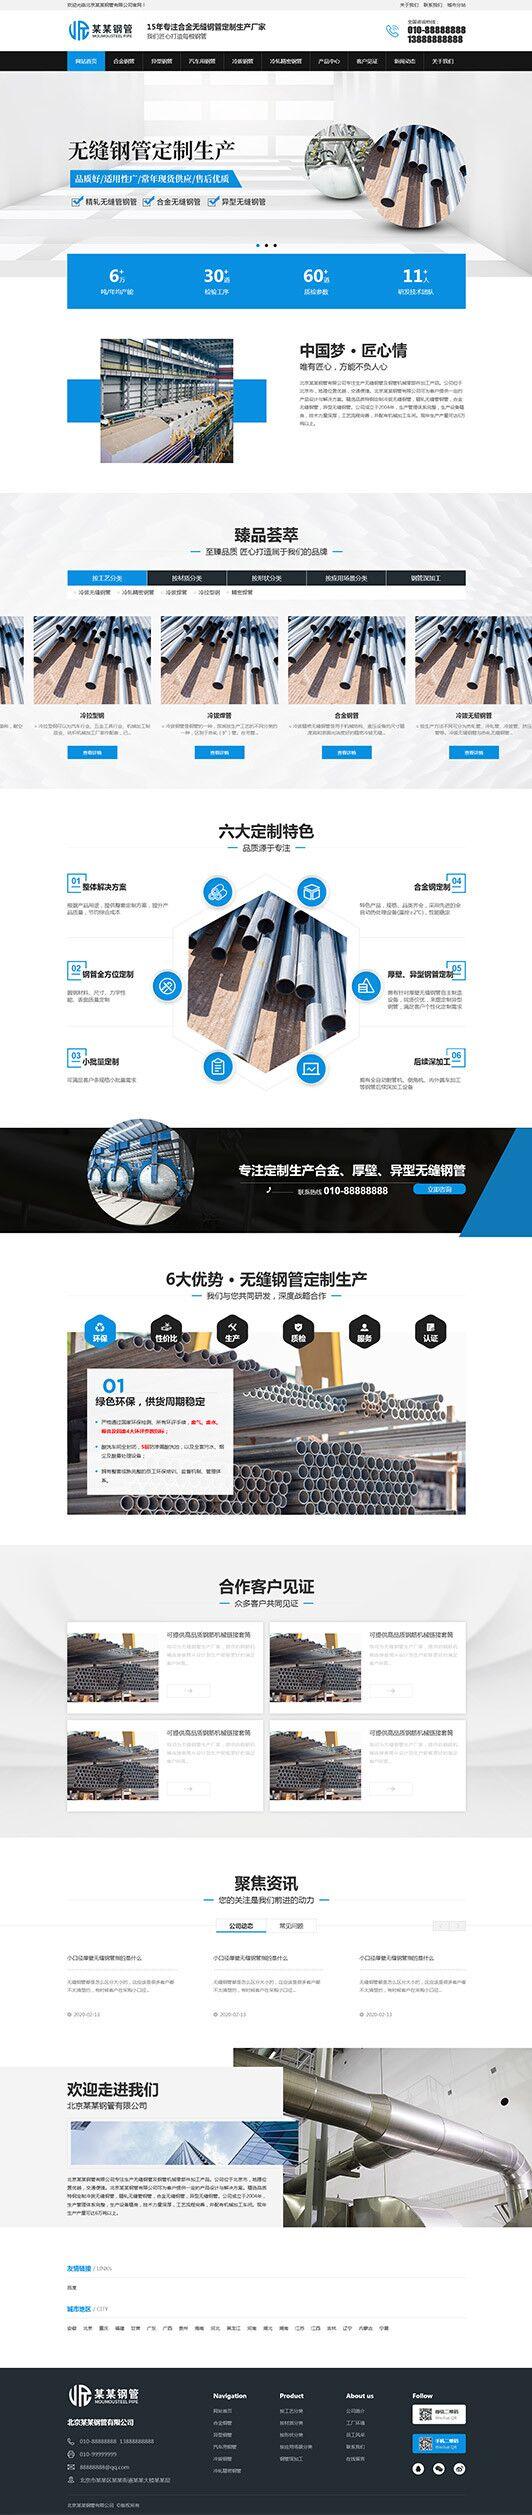 钢管制造公司网站通用营销型模板